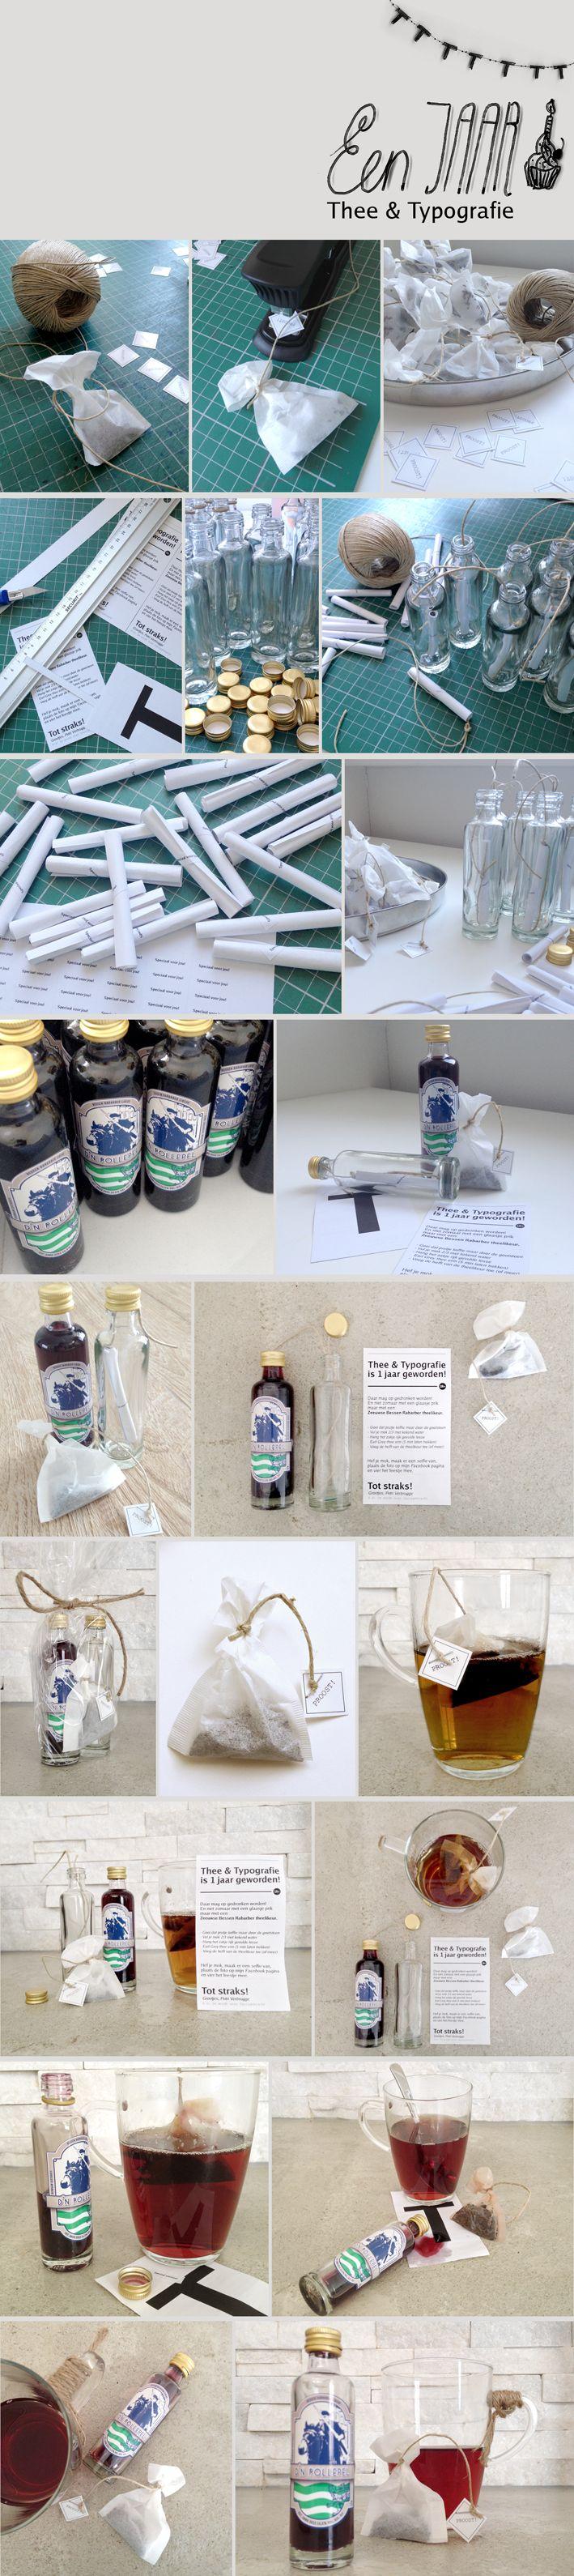 Kado | 1 jarig bestaan van Thee & Typografie  #thee #typografie #design #grafisch #packaging #hot #tea #typographic #print #verpakking #birthday #celebration #one #handmade #handgemaakt